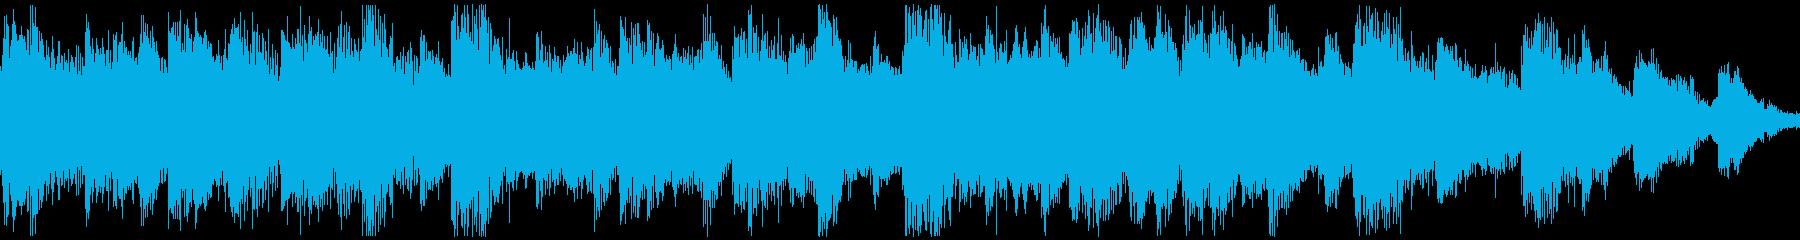 <ショートループ> ピアノ⑥+ビートBの再生済みの波形